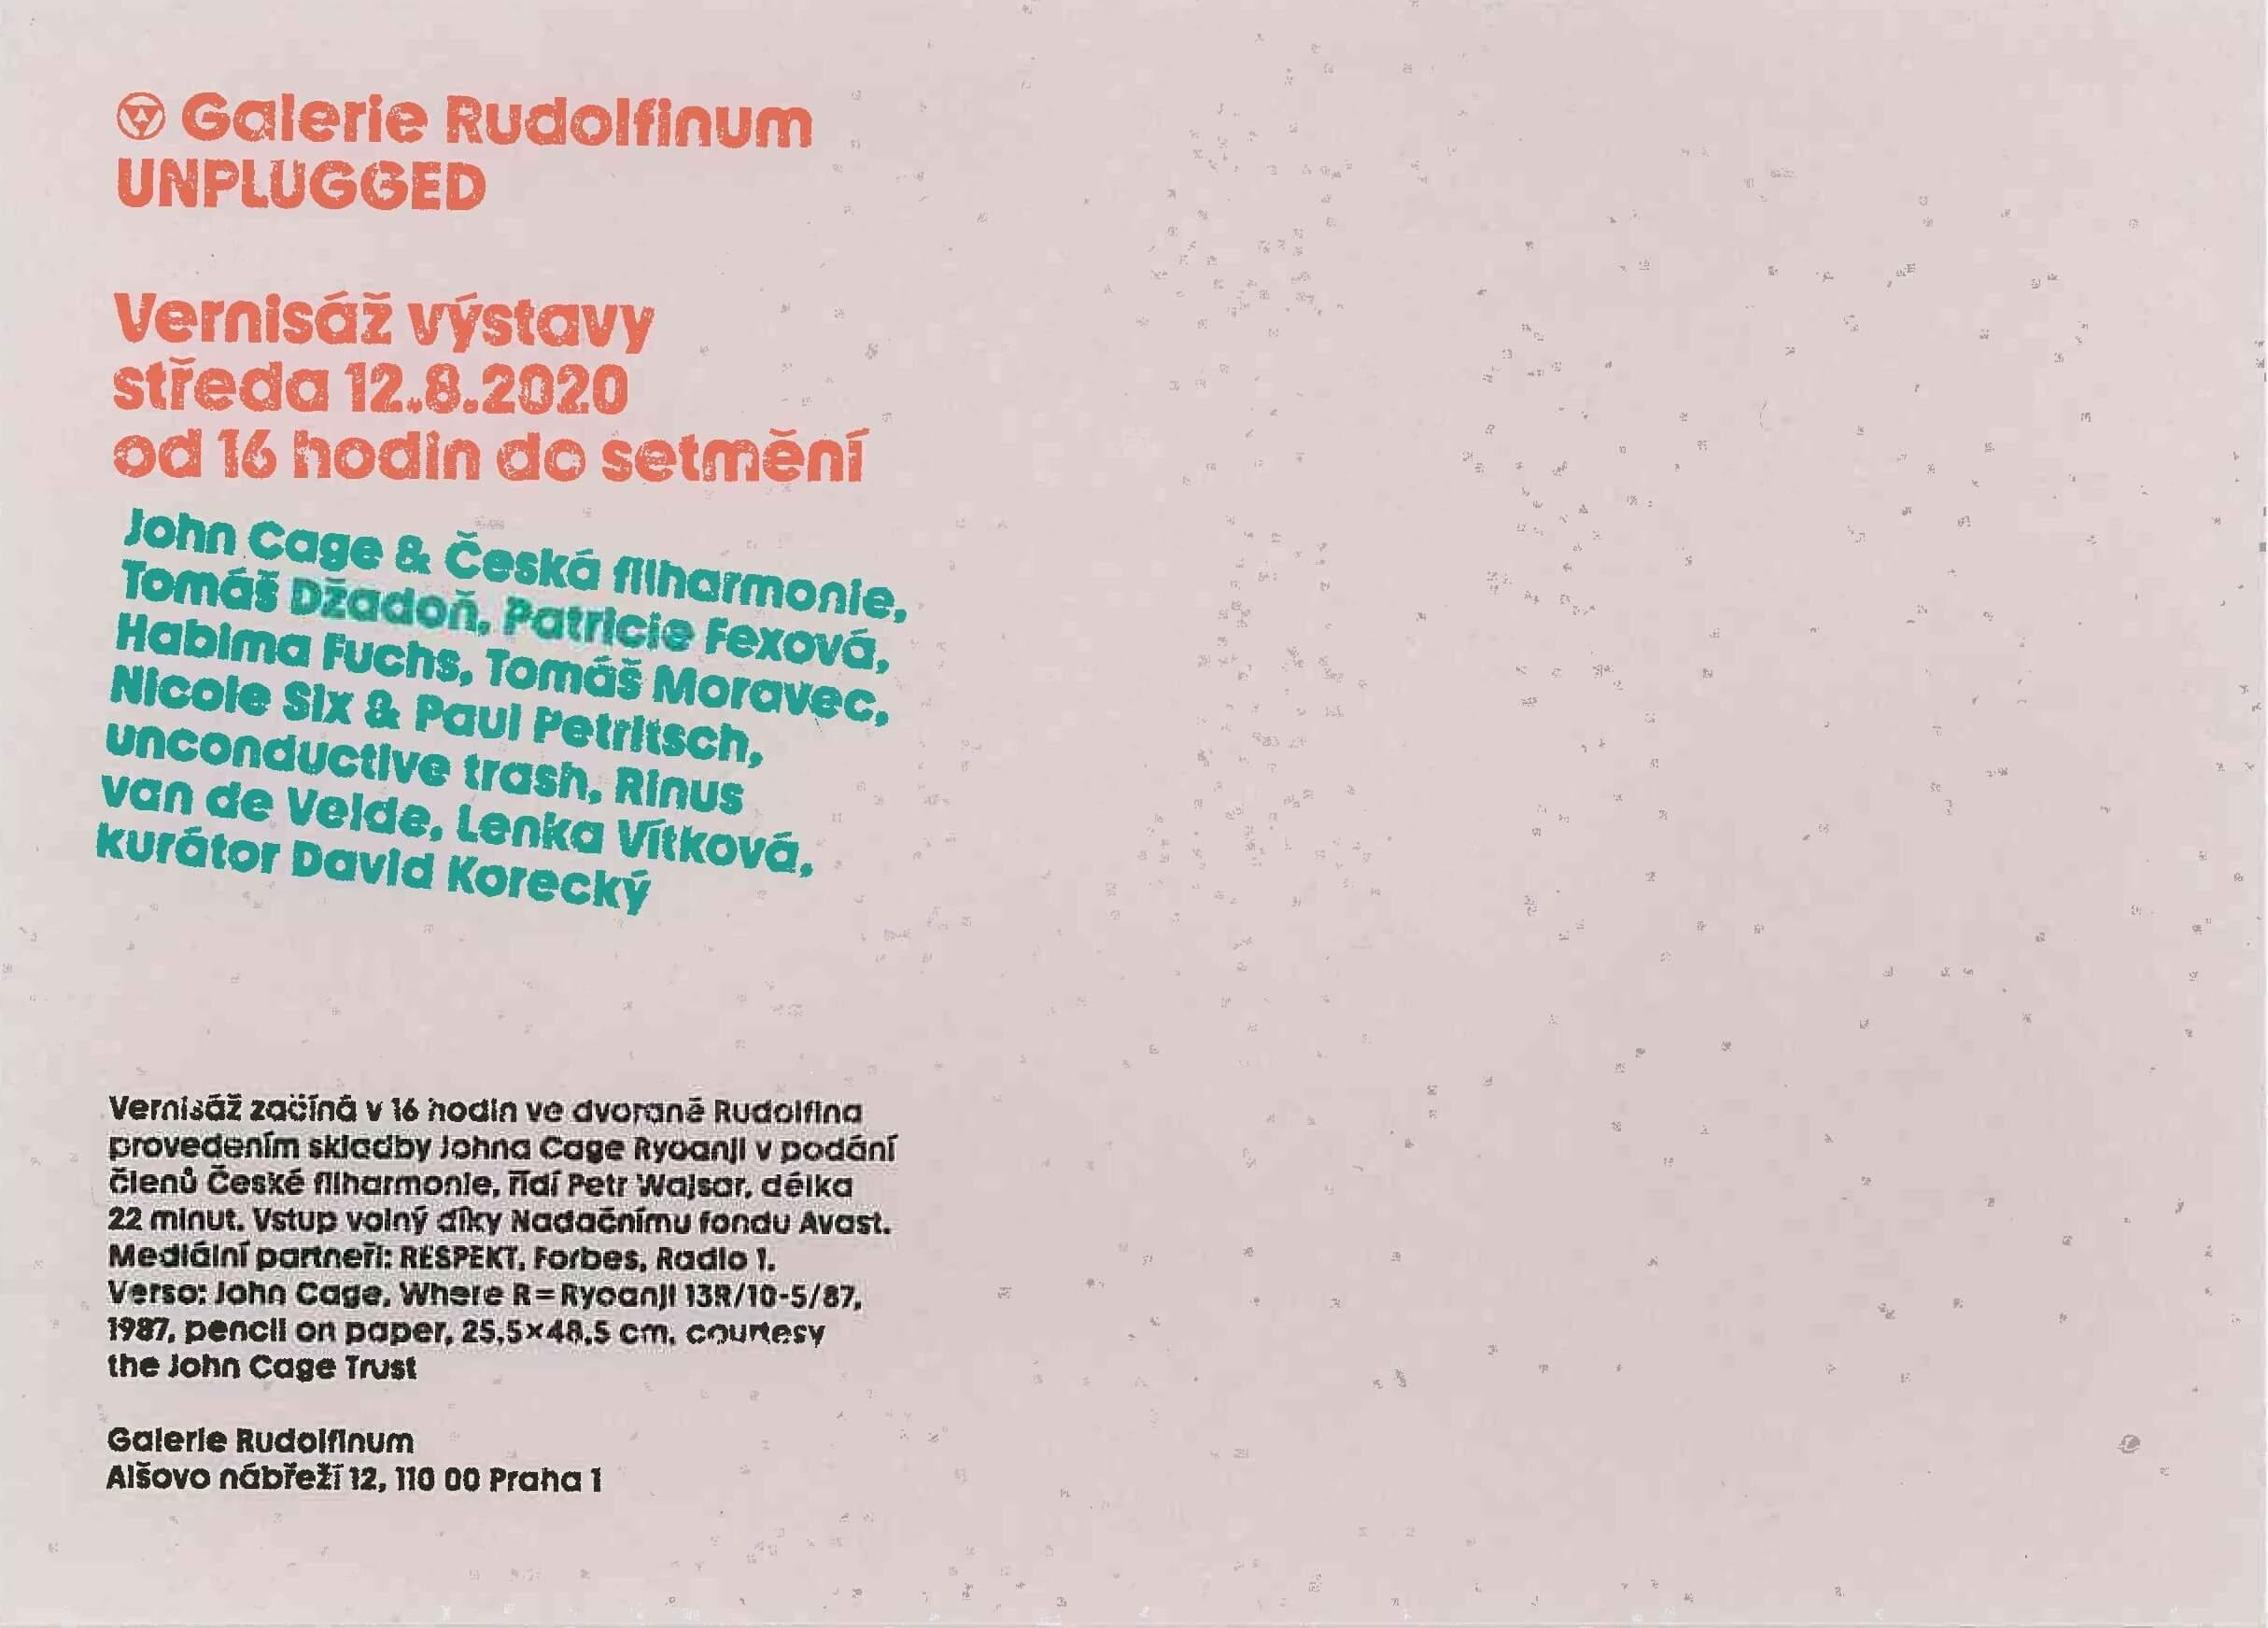 Galerie Rudolfinum UNPLUGGED